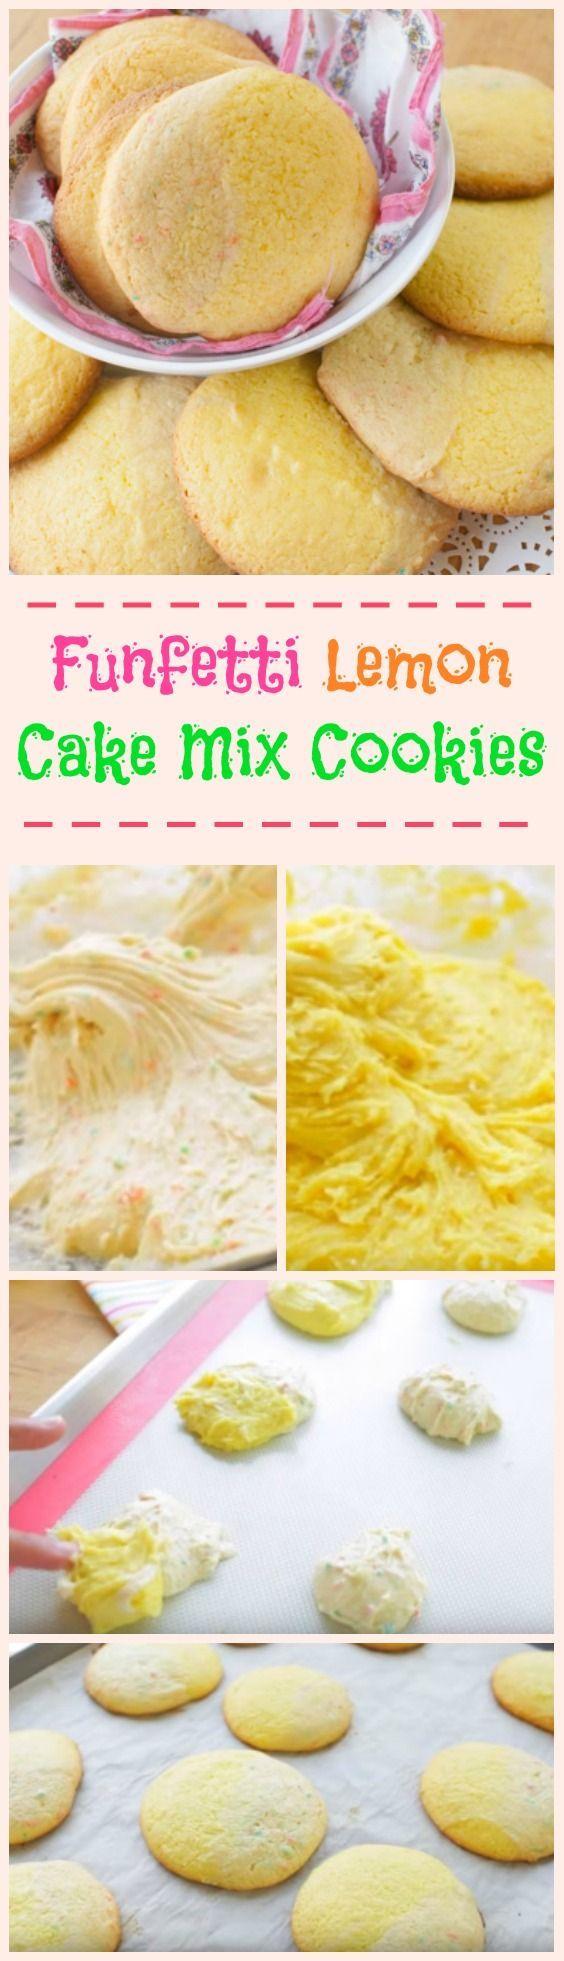 funfetti-lemon-cake-mix-cookies